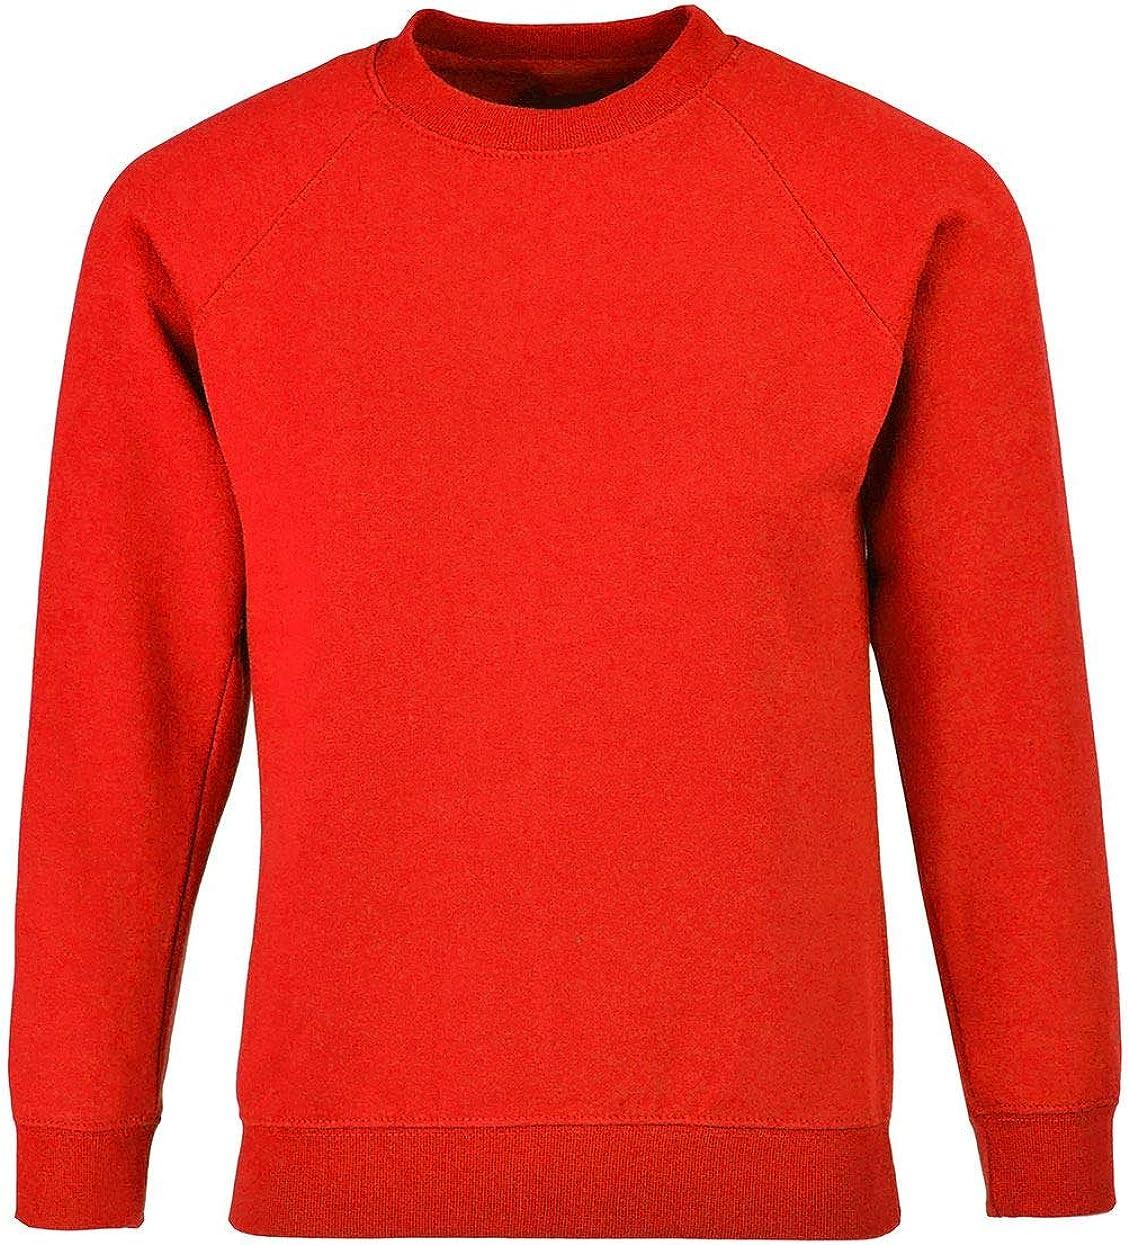 Girls Crew Neck Plain Sweatshirt Boys Long Sleeve School Uniform Wear Jumper